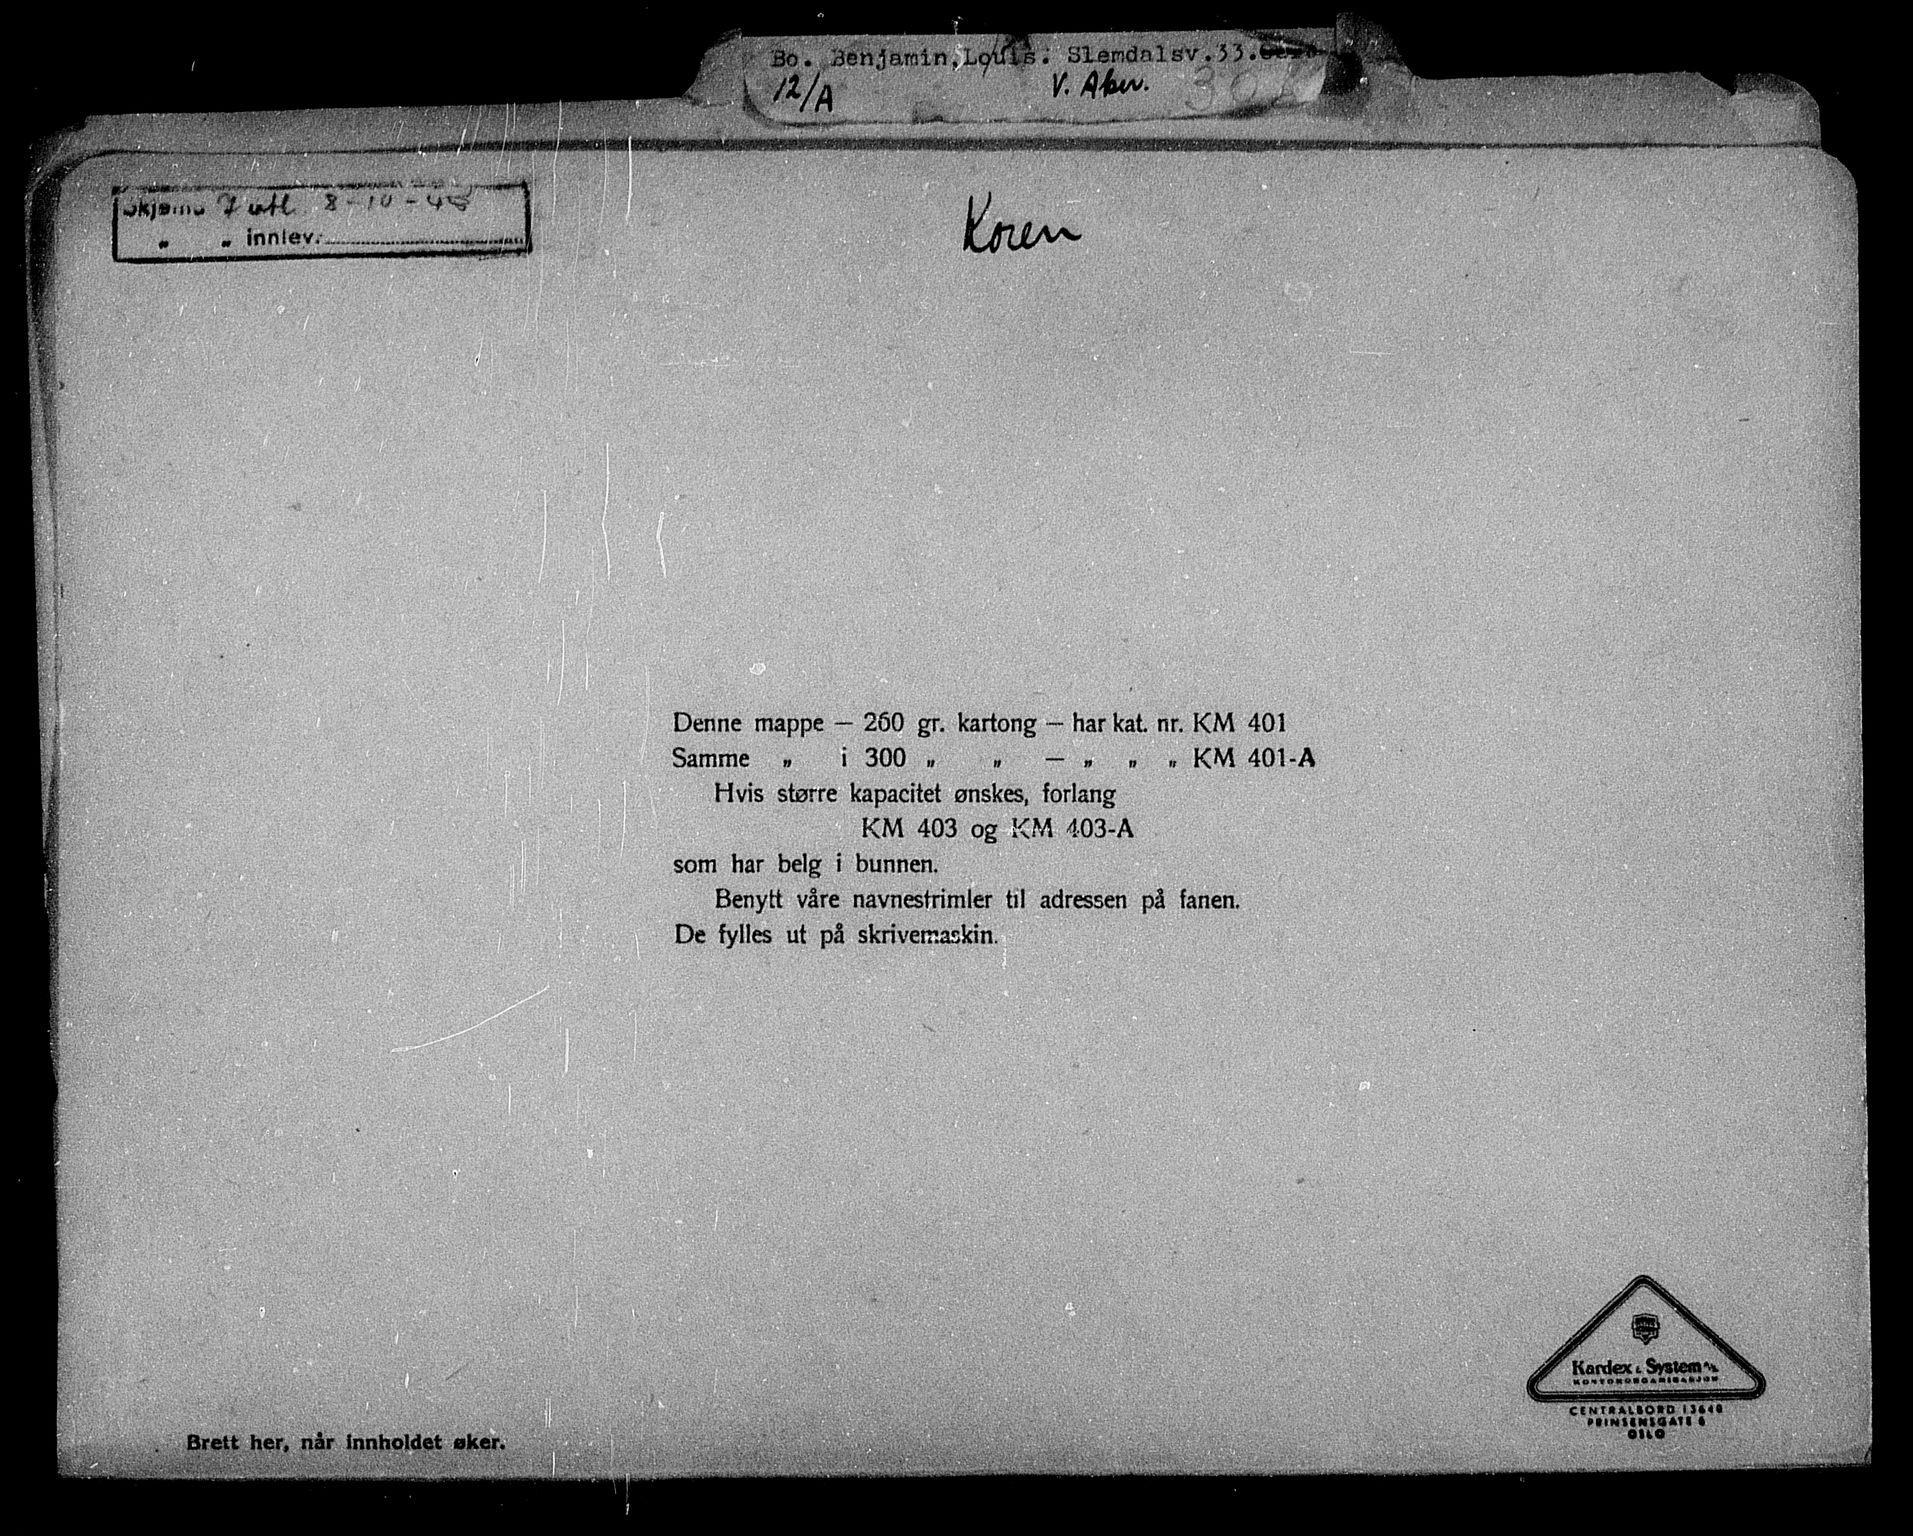 RA, Justisdepartementet, Tilbakeføringskontoret for inndratte formuer, H/Hc/Hcc/L0920: --, 1945-1947, s. 2